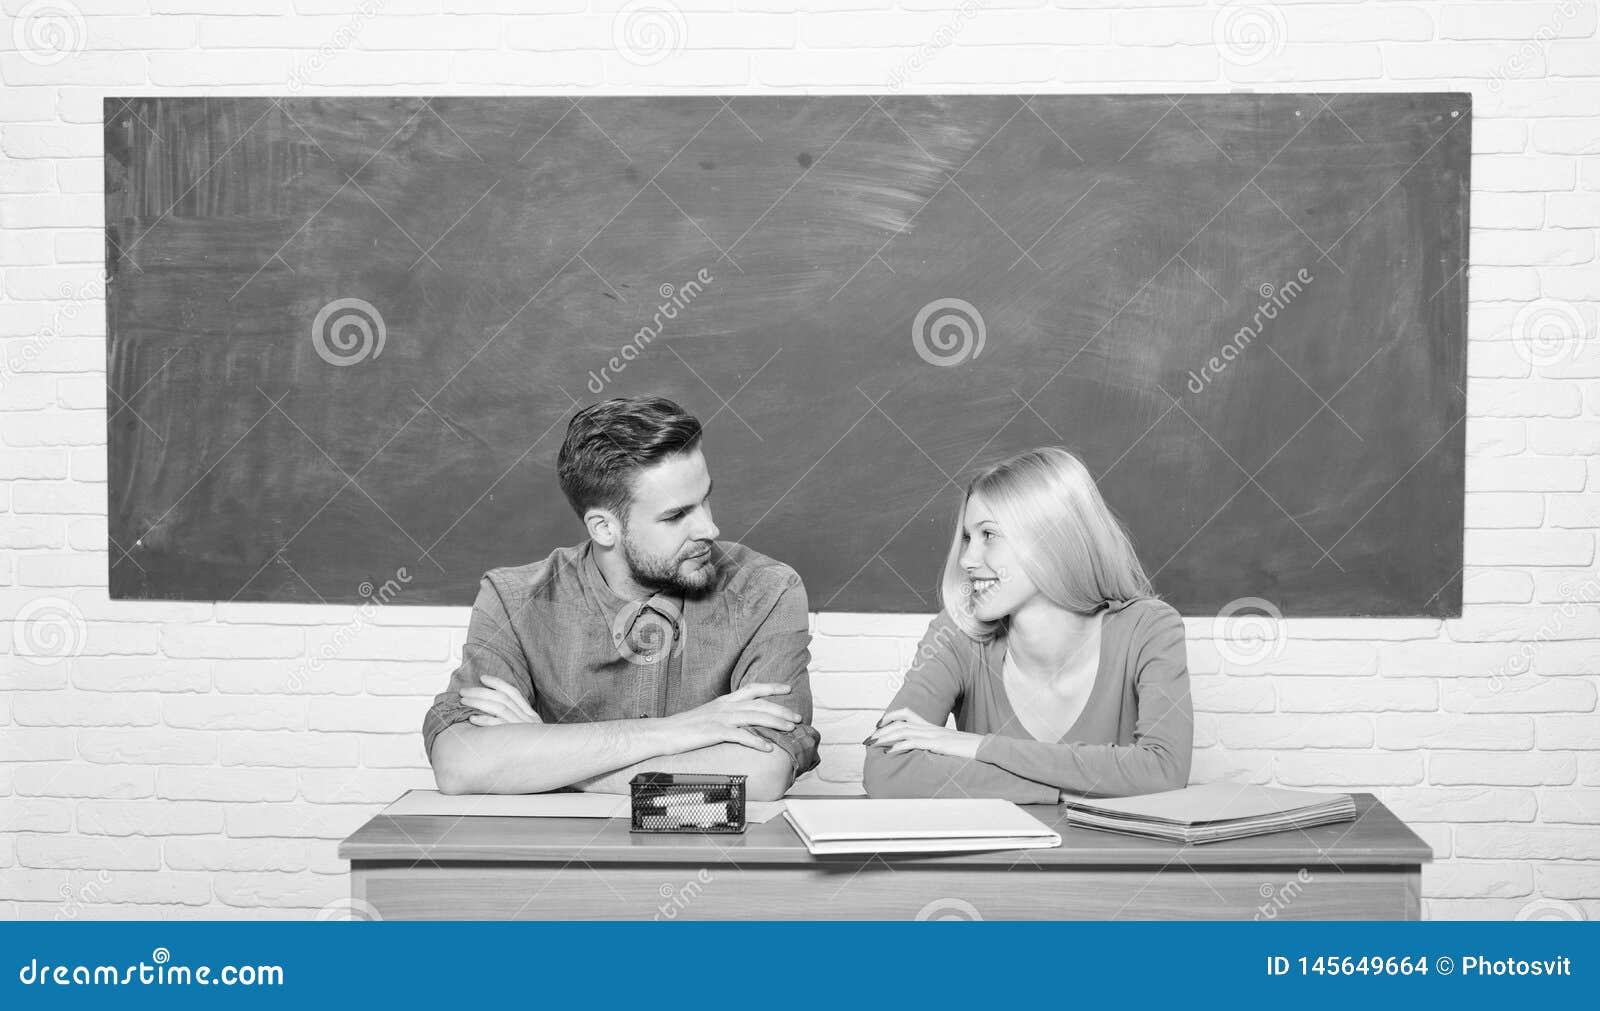 Studera i h?gskola eller universitet Applicera f?r fritt program Koppla ihop v?nstudenter som studerar universitetet enjoying